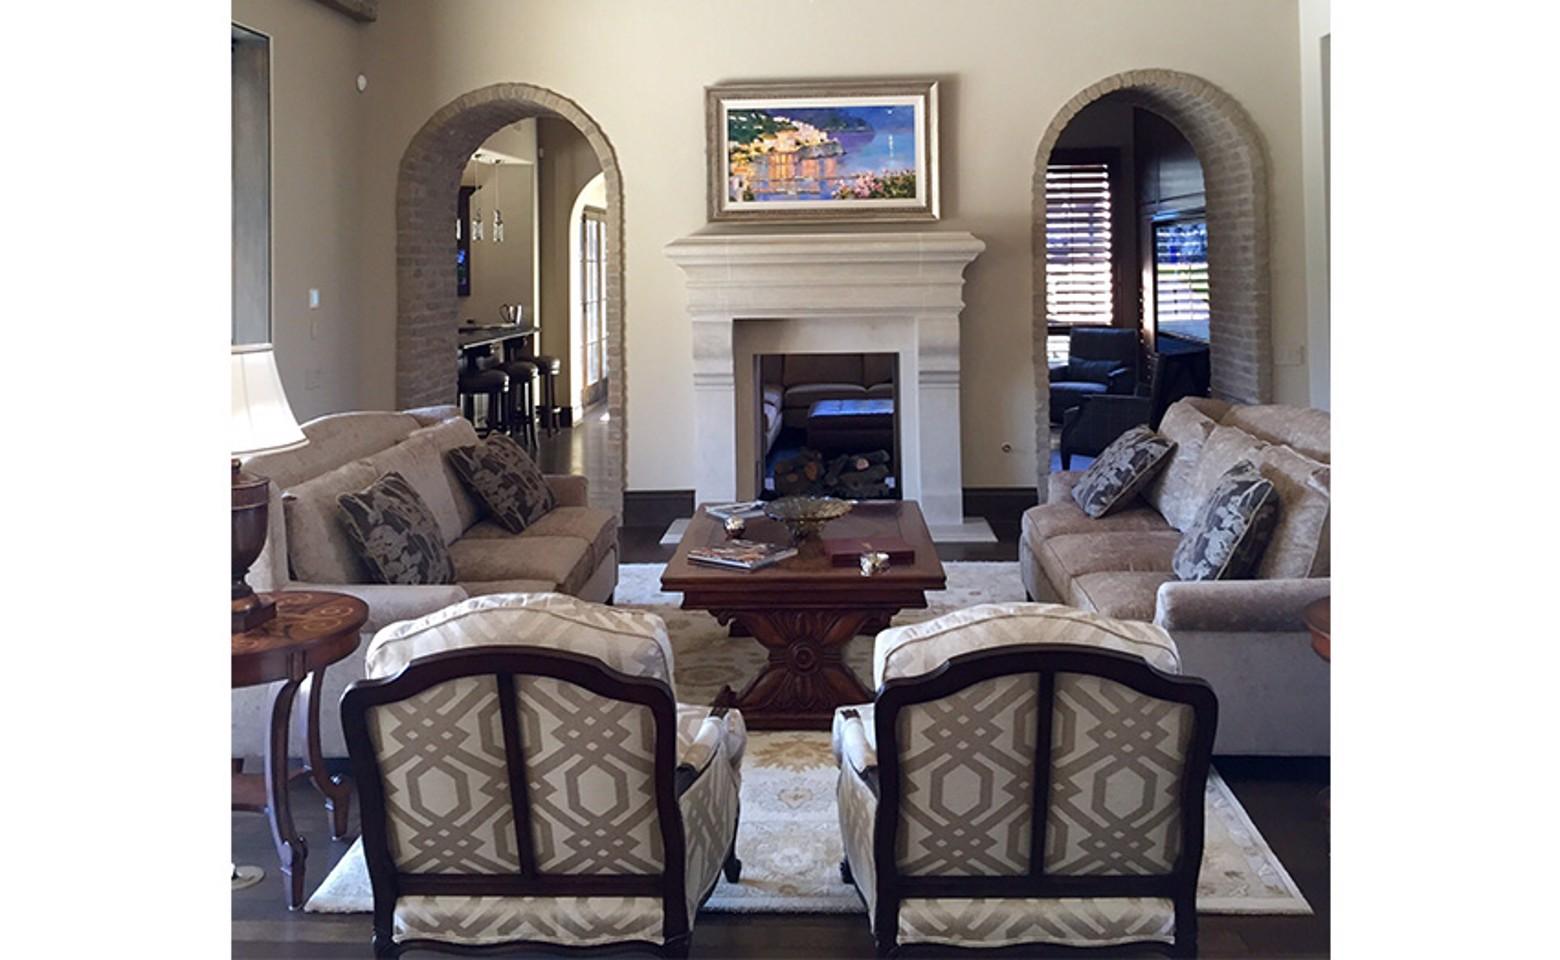 livingroom3_resized-2.jpg image